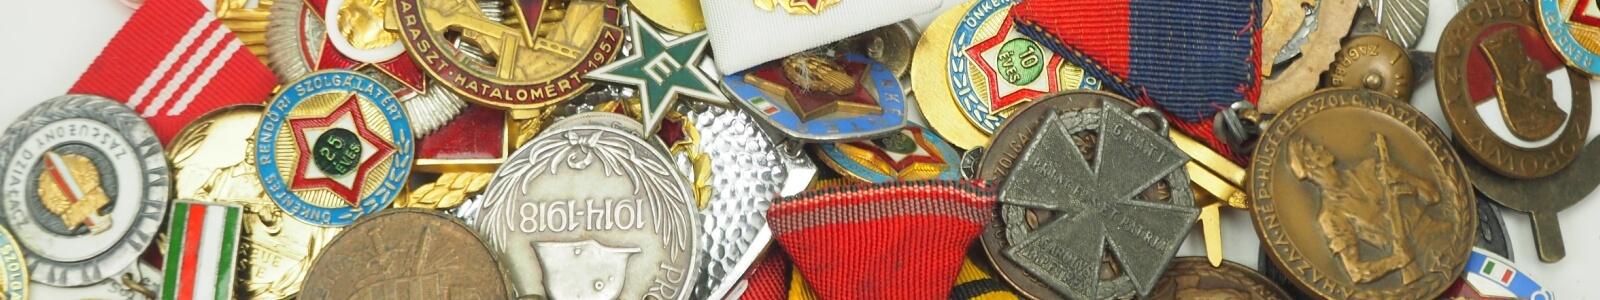 26e vente aux enchères - Collection Militaria d'Europe de l'Est et de Russie